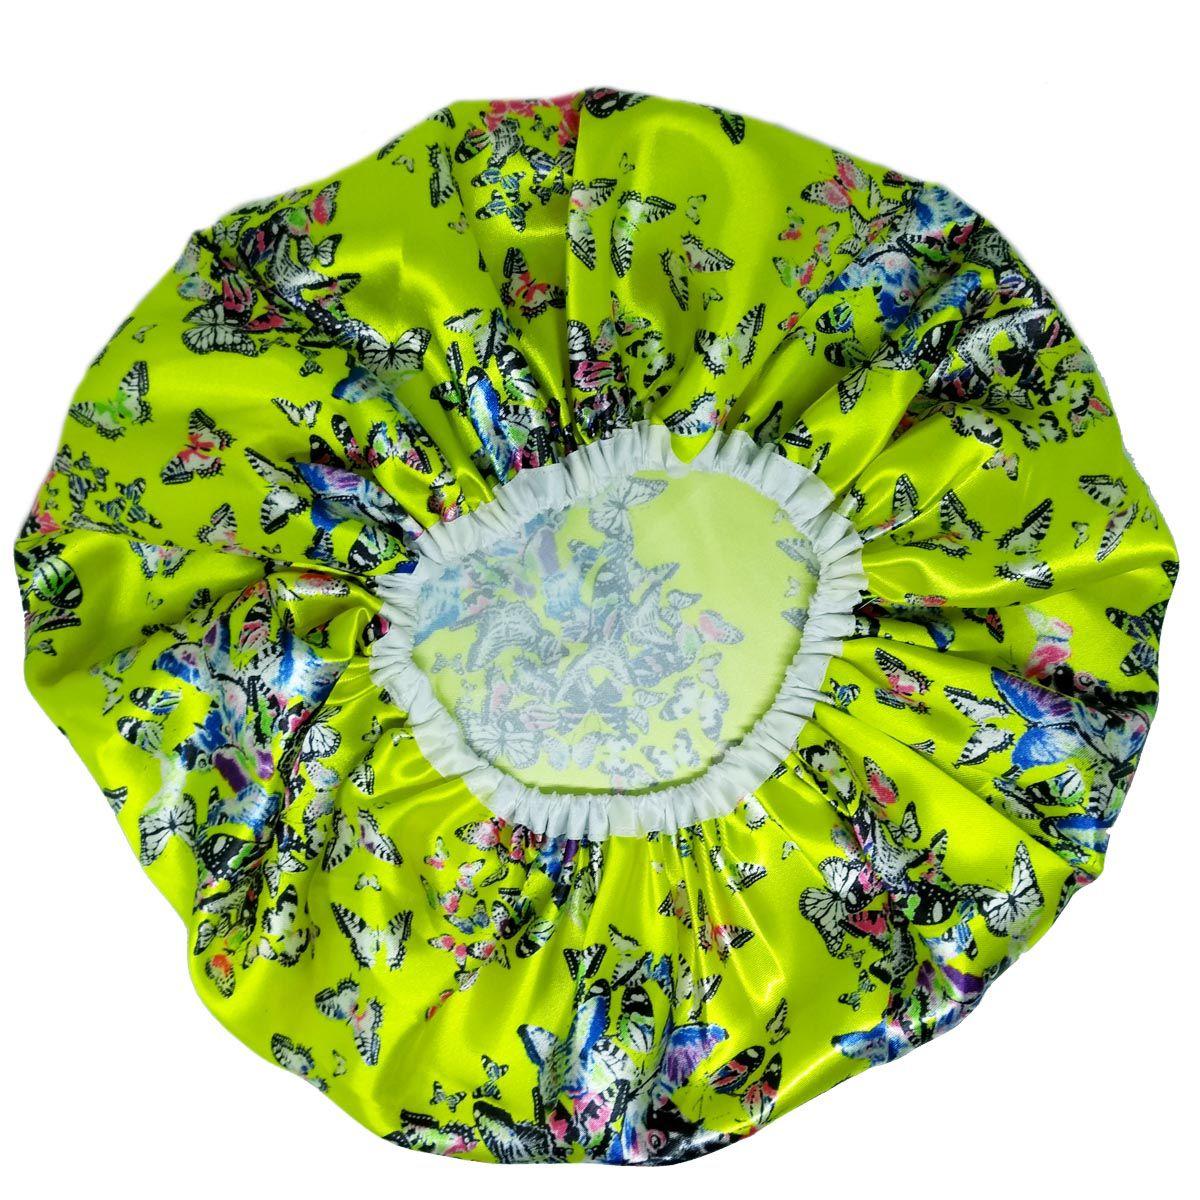 Touca de Cetim Amarela com Borboletas - Basic